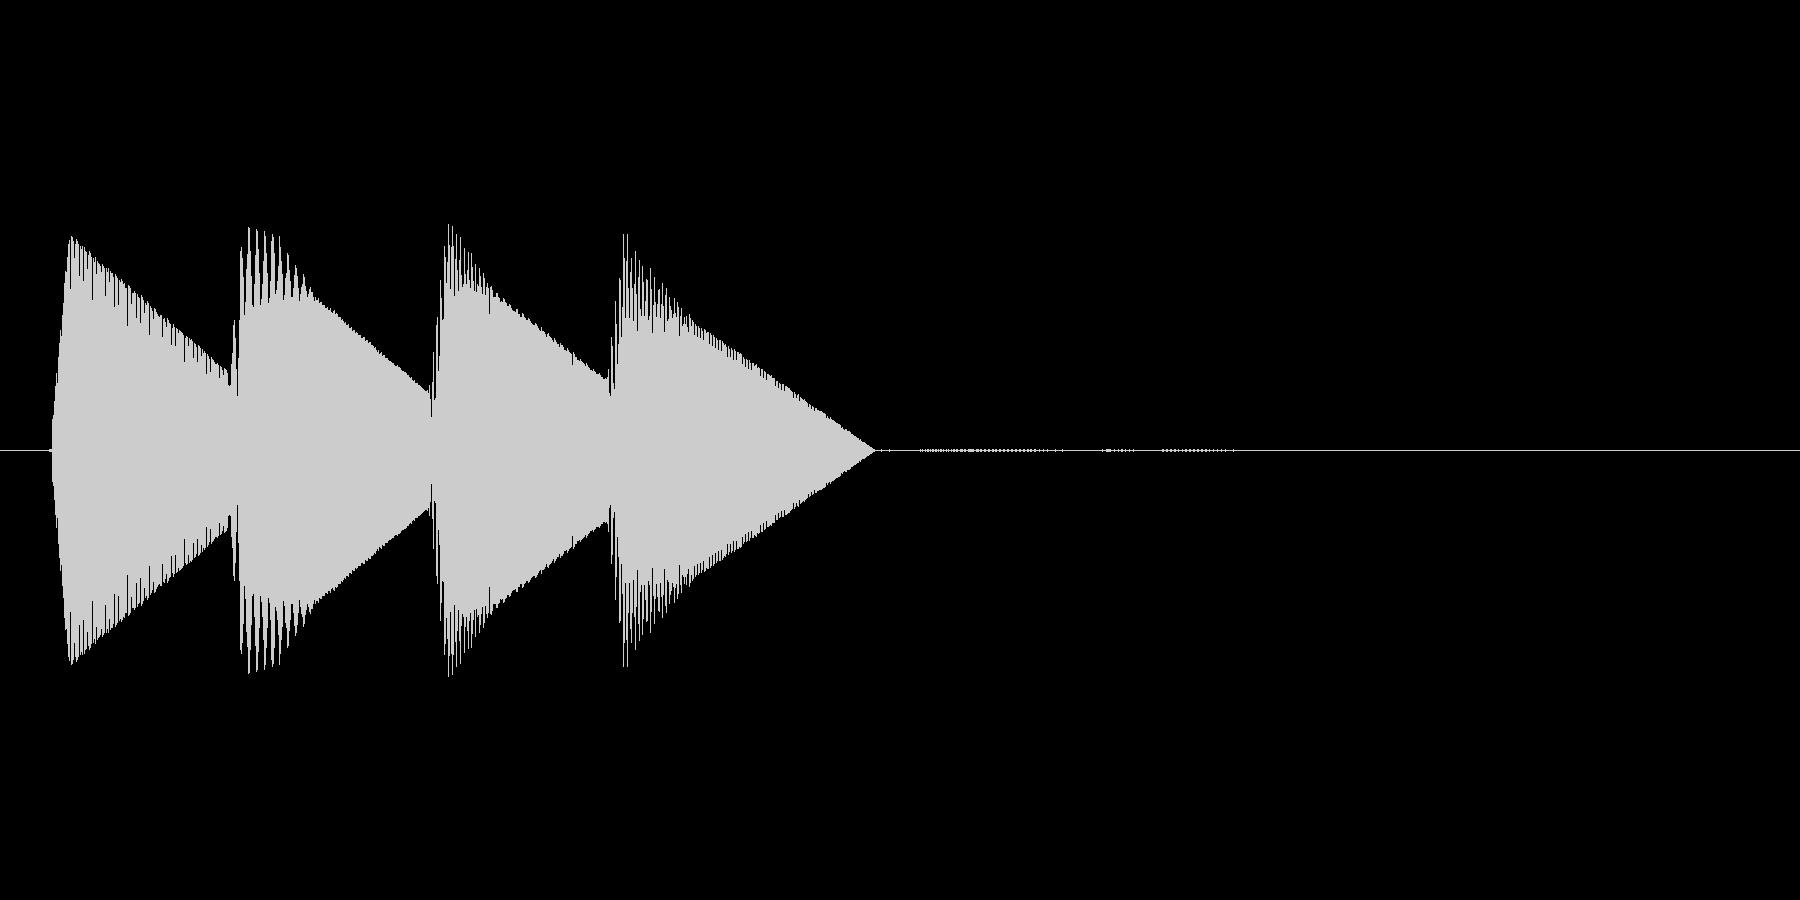 8bitのシステム音ピロロロン↑高音の未再生の波形